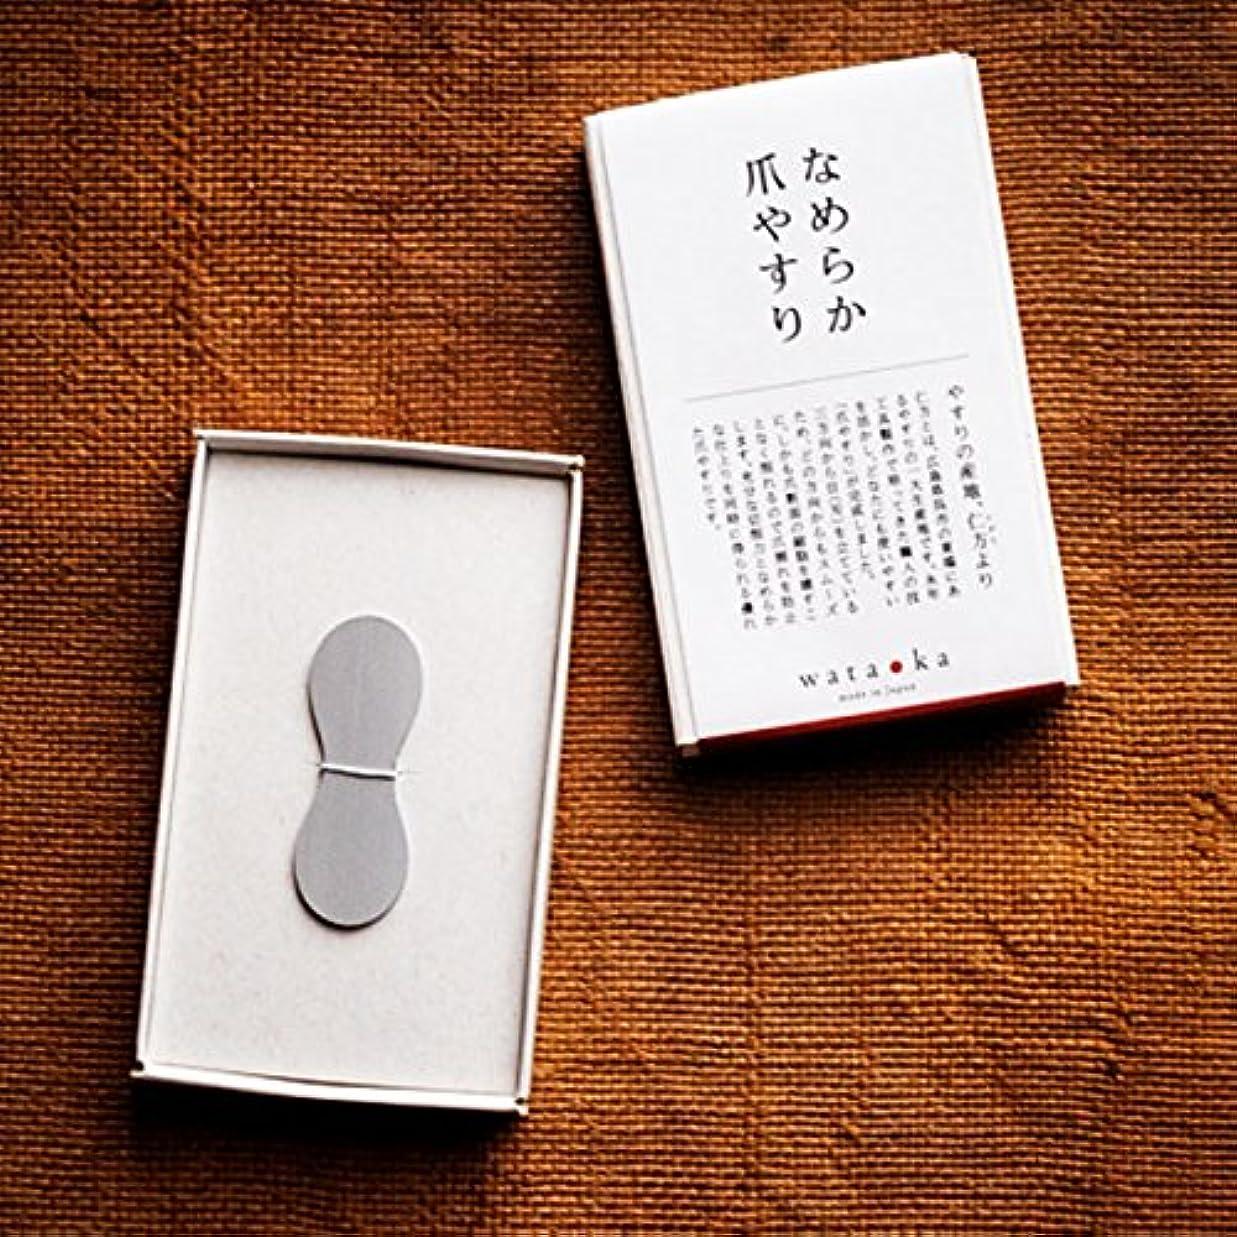 曲線パース蓋wataoka 鑢のワタオカ 爪やすり (専用パッケージ入り)